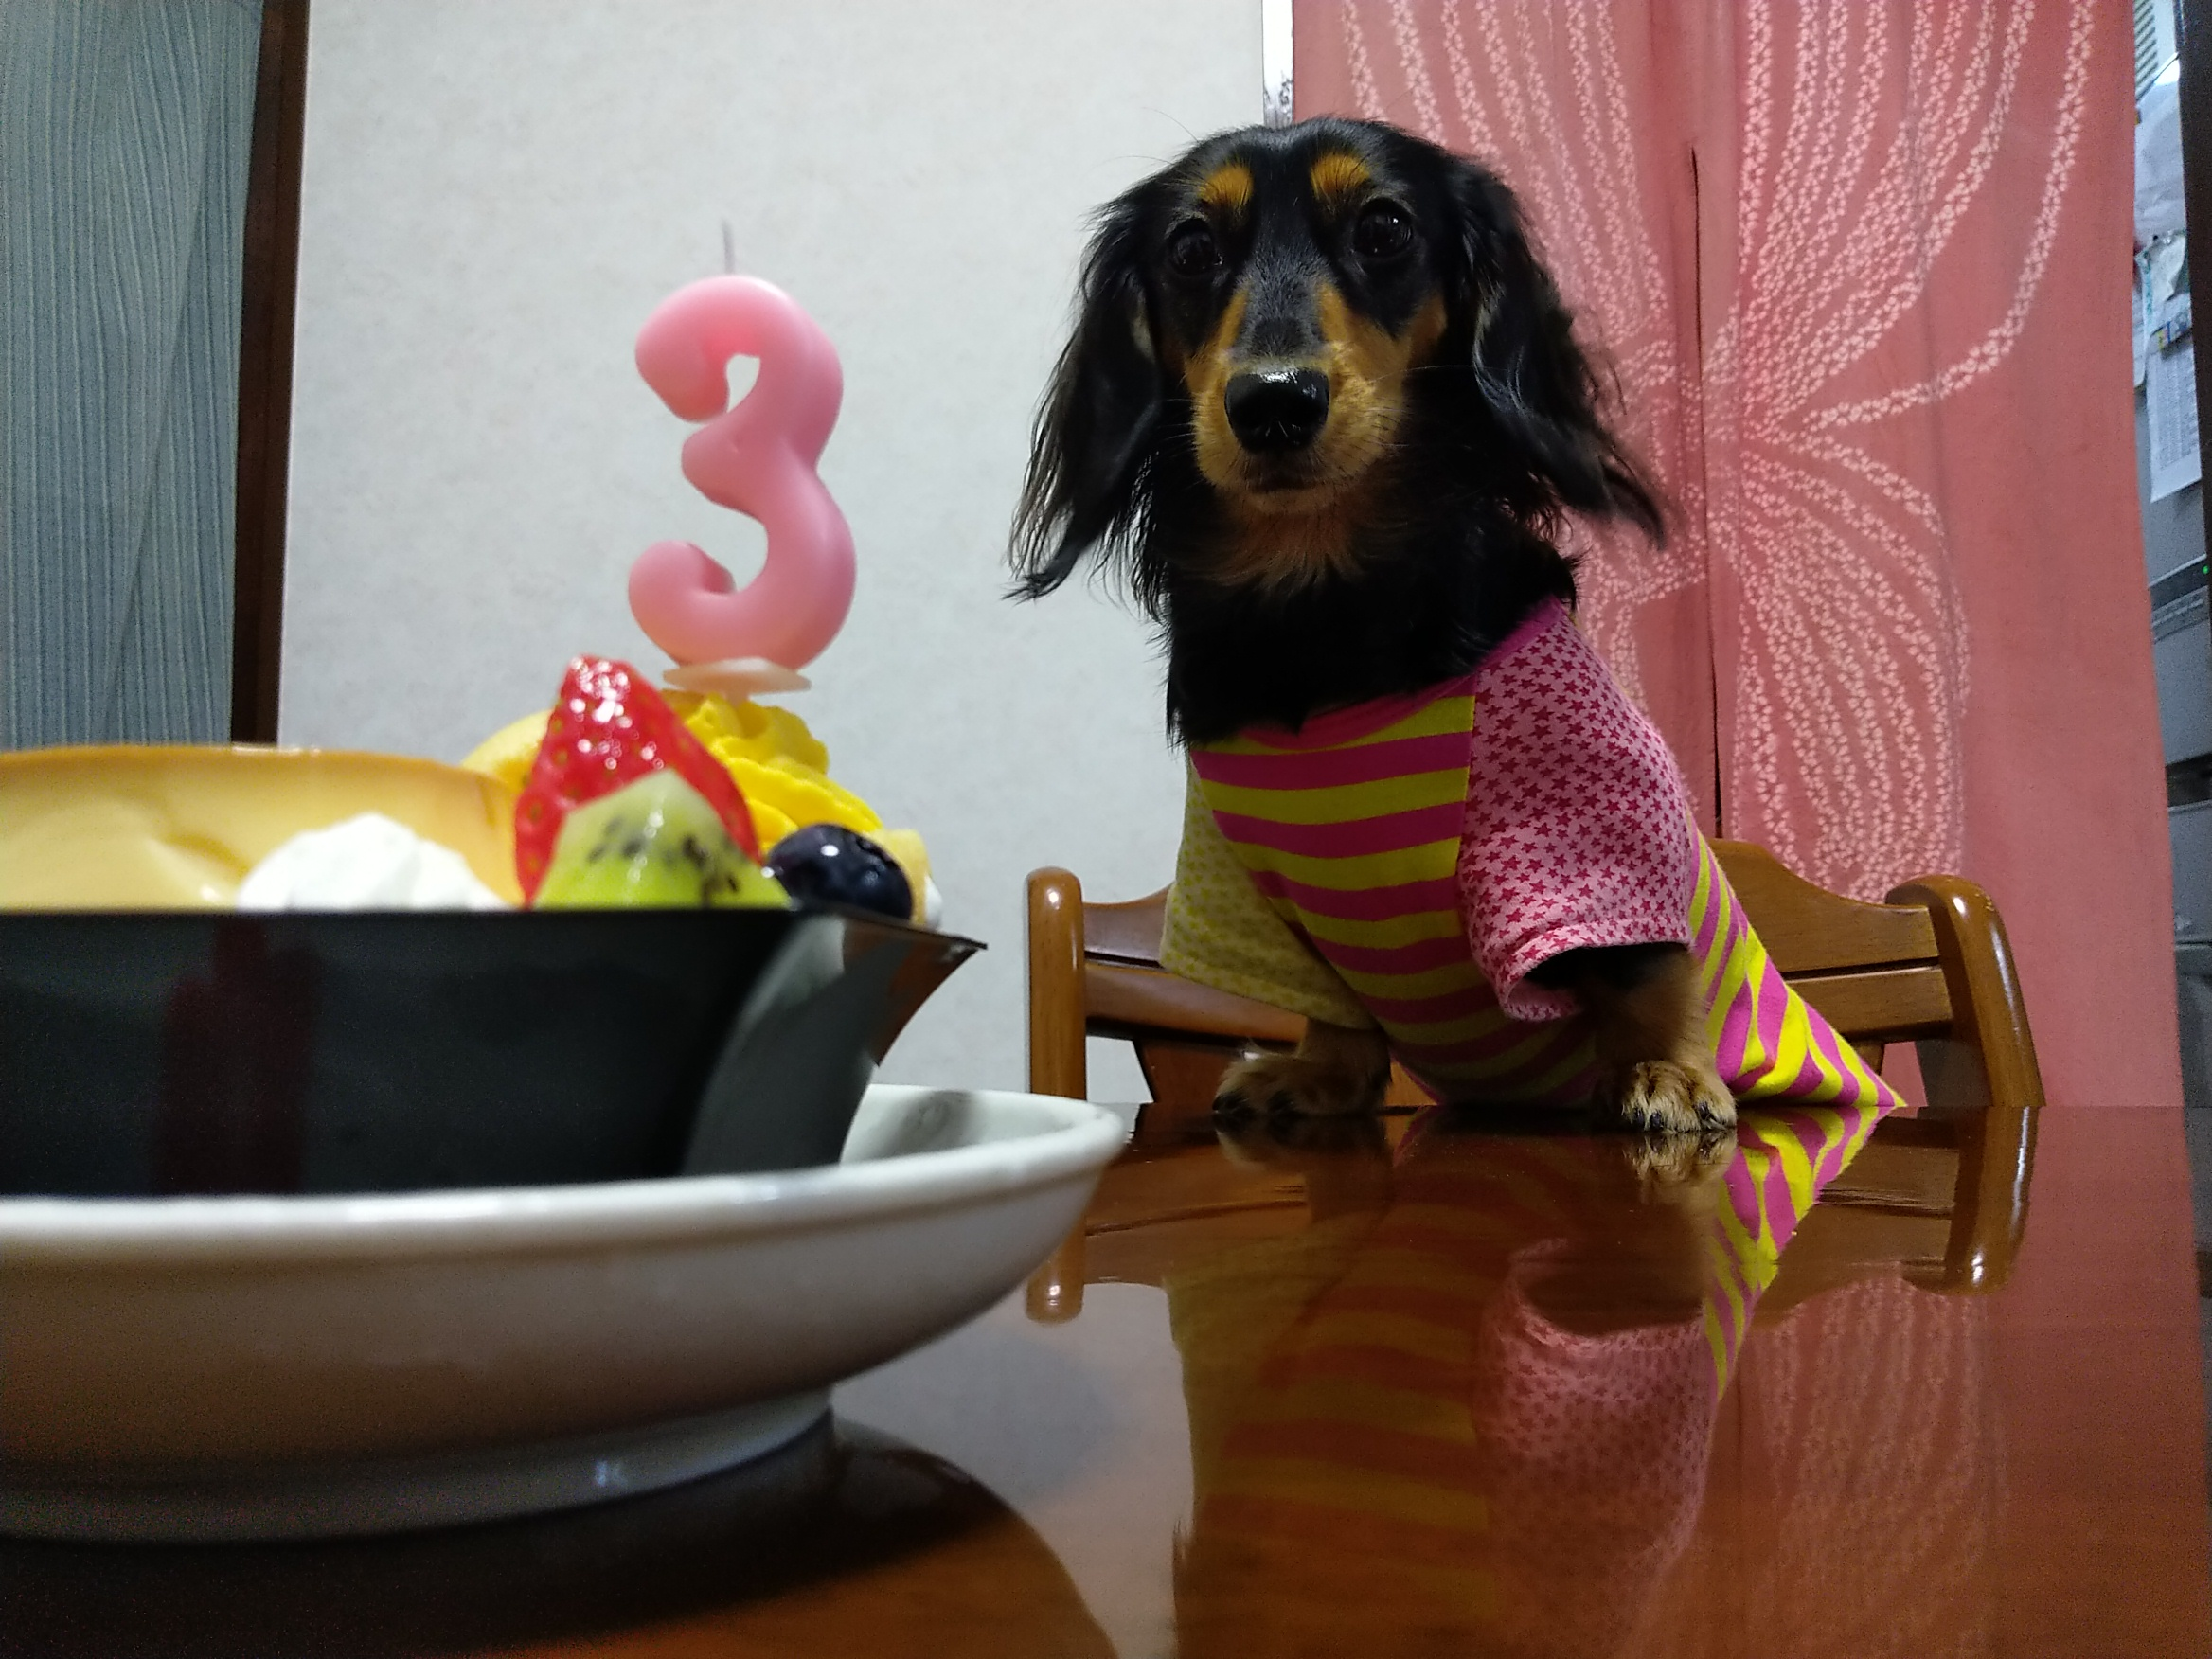 ケーキをもらえるかと思った愛犬